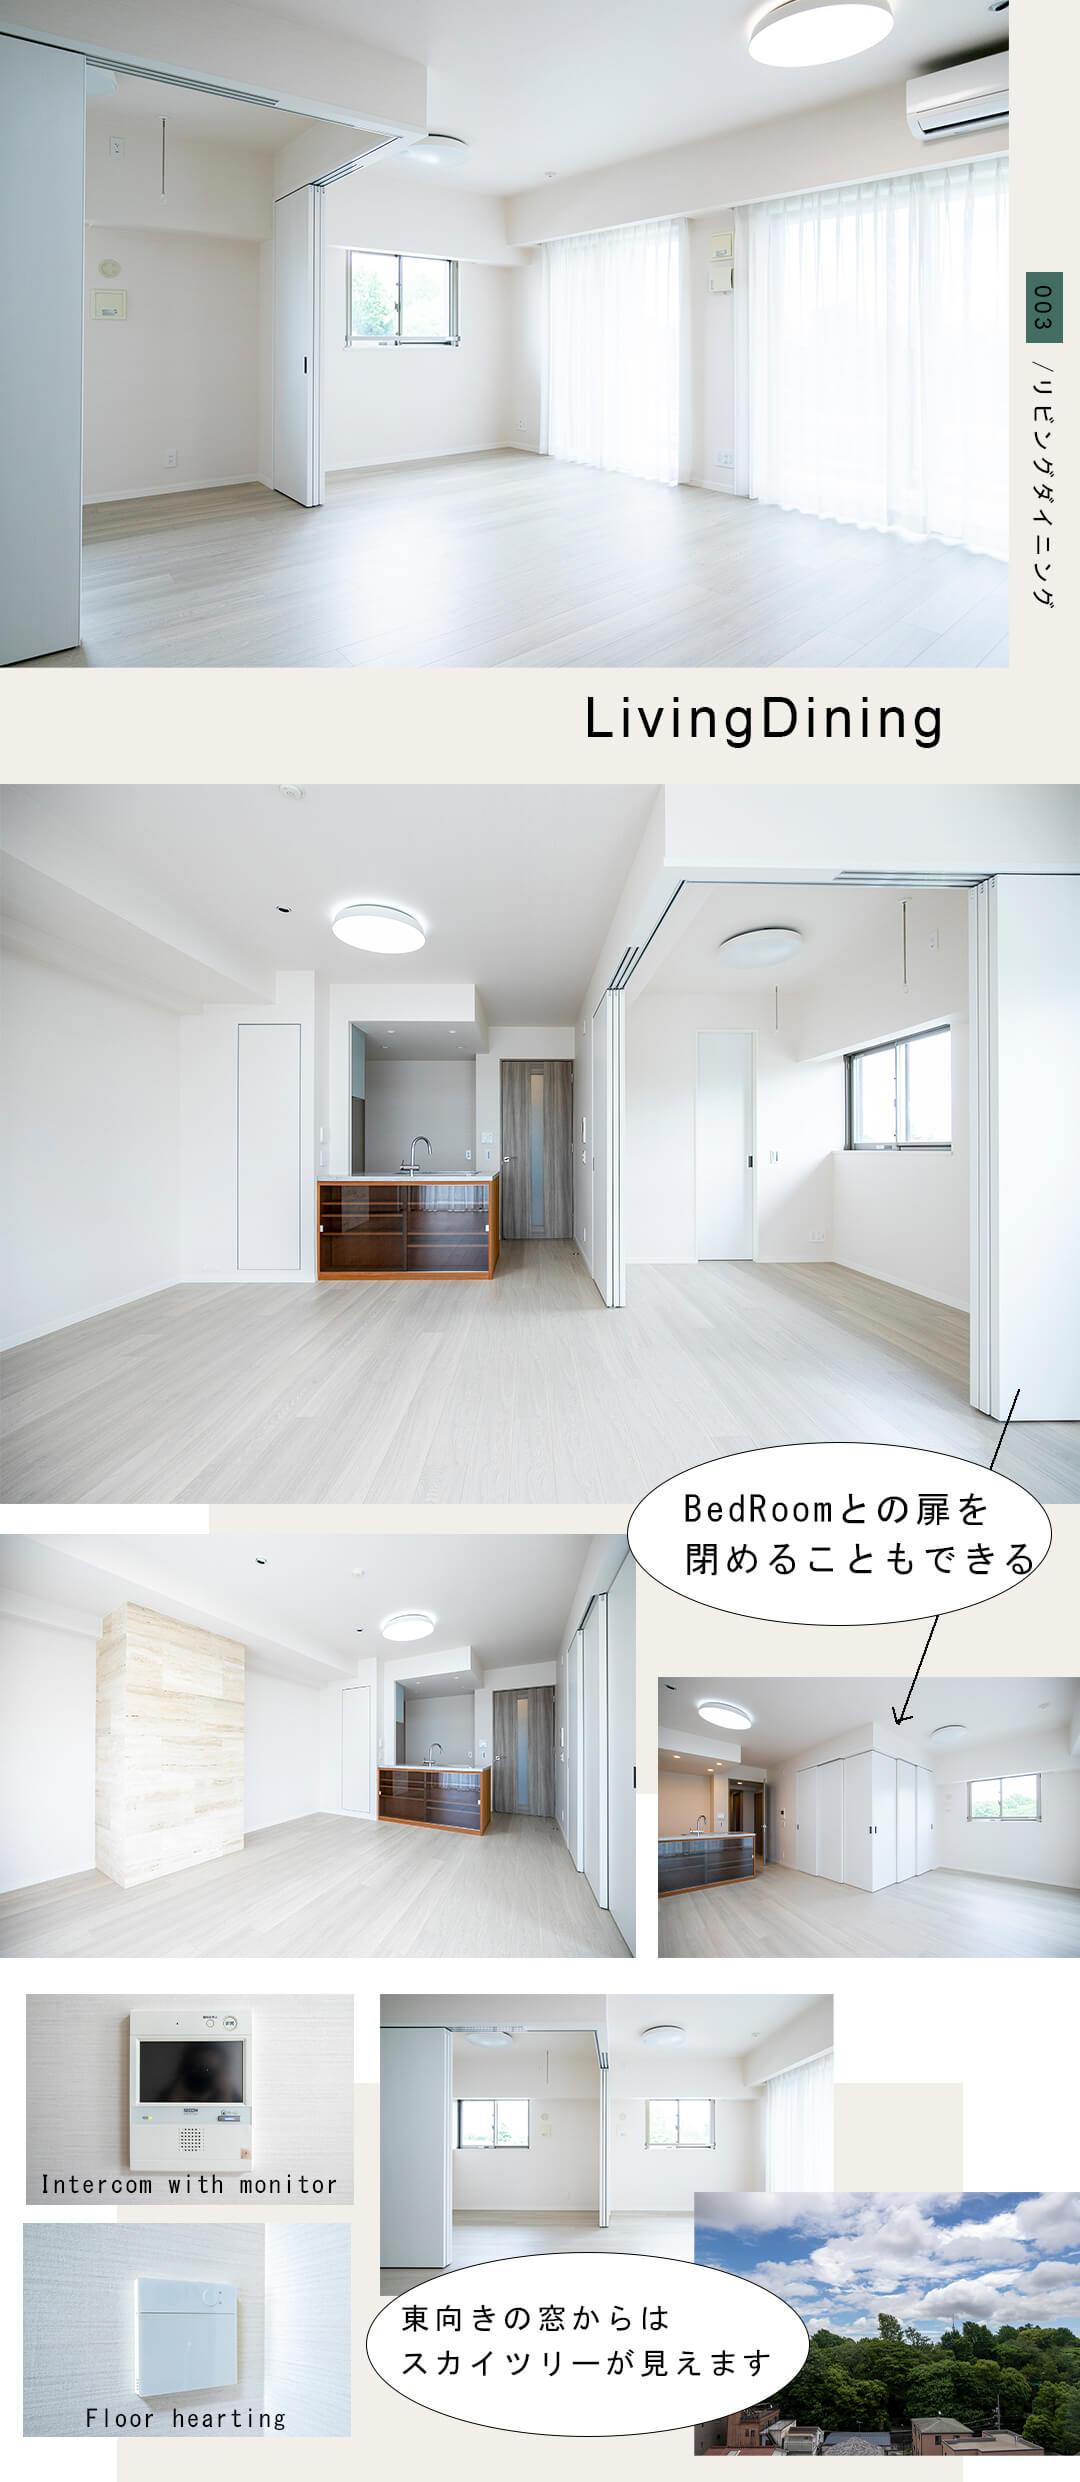 003リビングダイニング,LivingDining